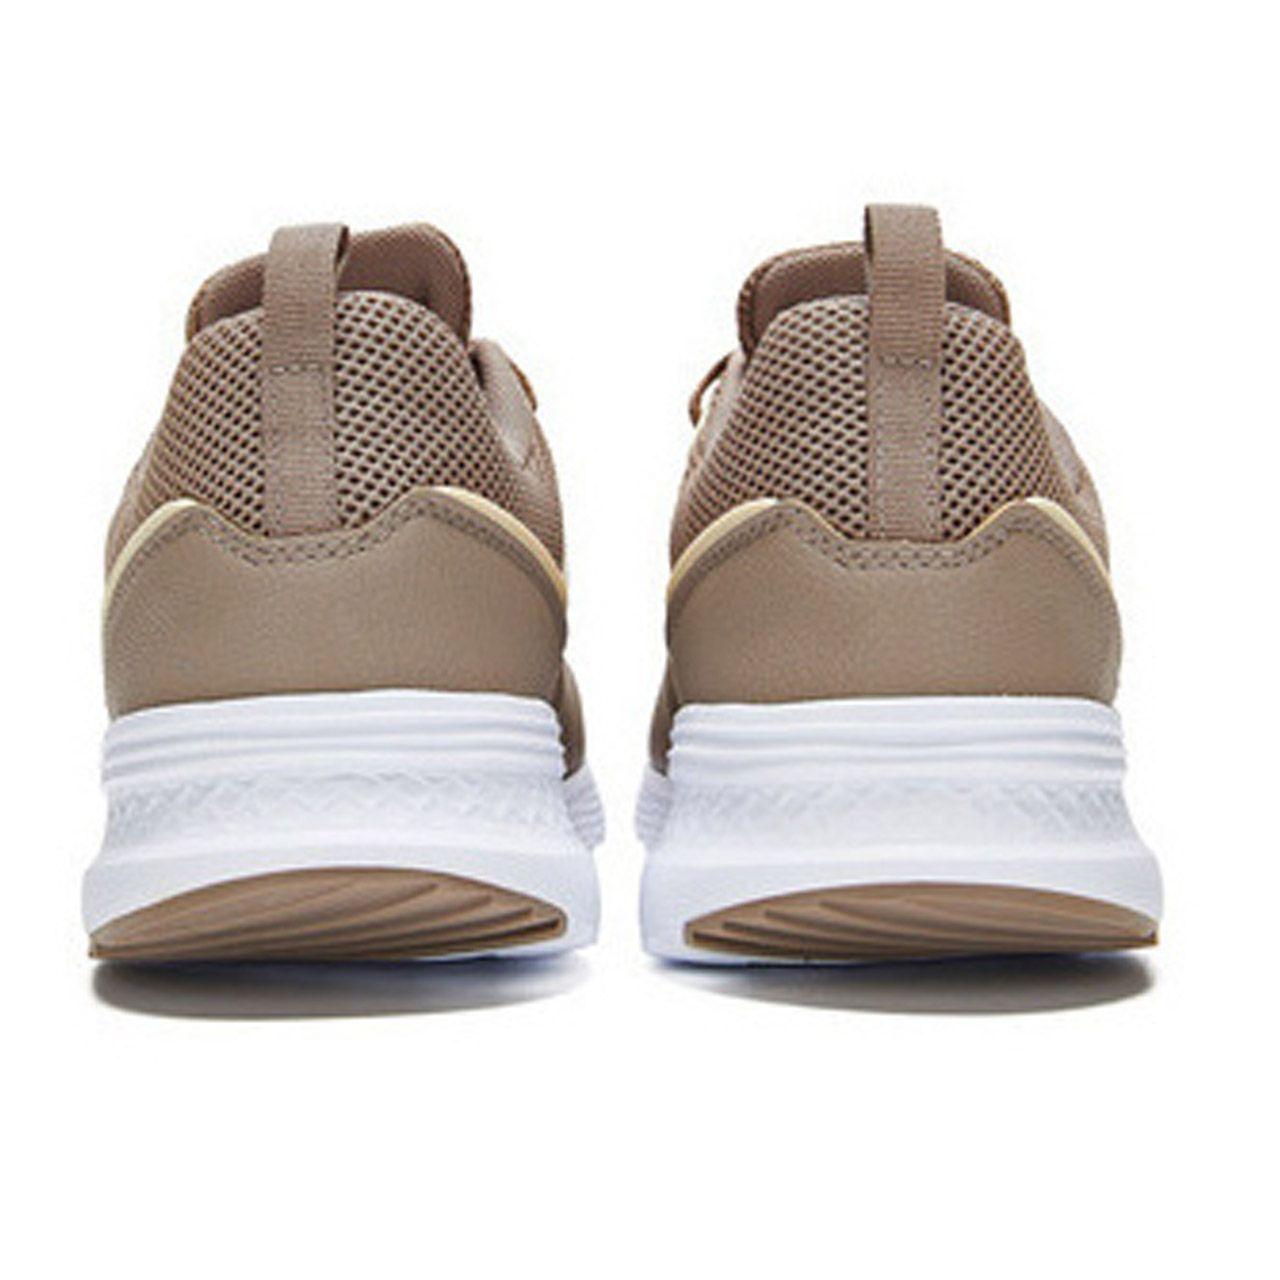 کفش مخصوص پیاده روی مردانه 361 درجه مدل W571842239-7 -  - 4